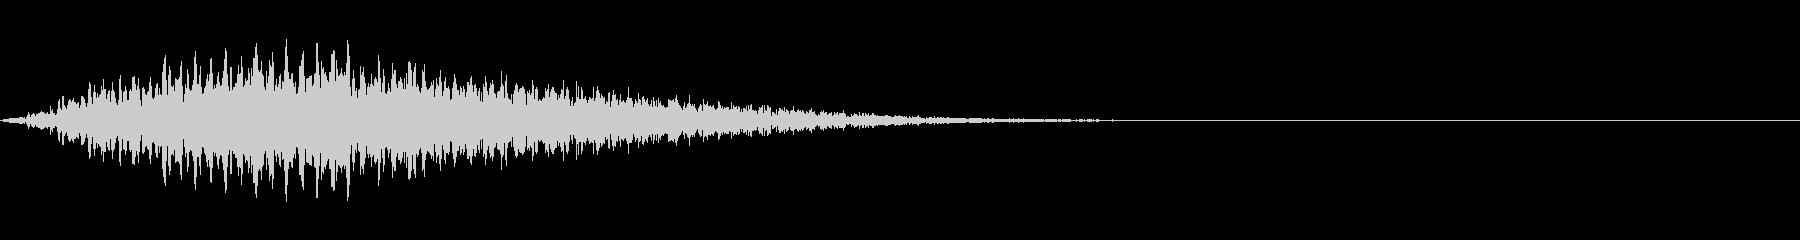 シュワーン(召喚魔法系)の未再生の波形